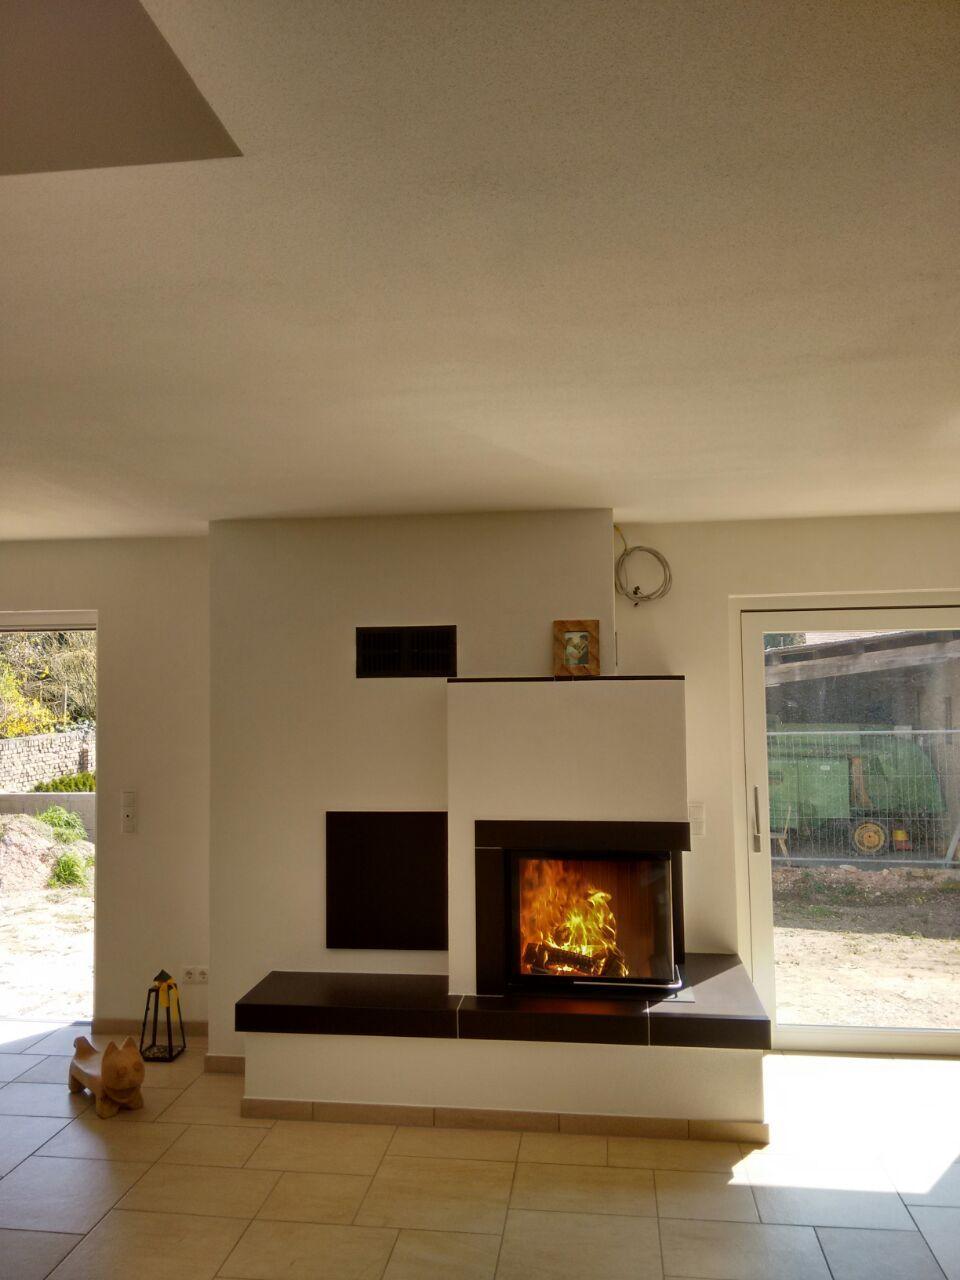 ickas kachelofen brunner wohnzimmer pinterest kachelofen ofen und wohnzimmer. Black Bedroom Furniture Sets. Home Design Ideas